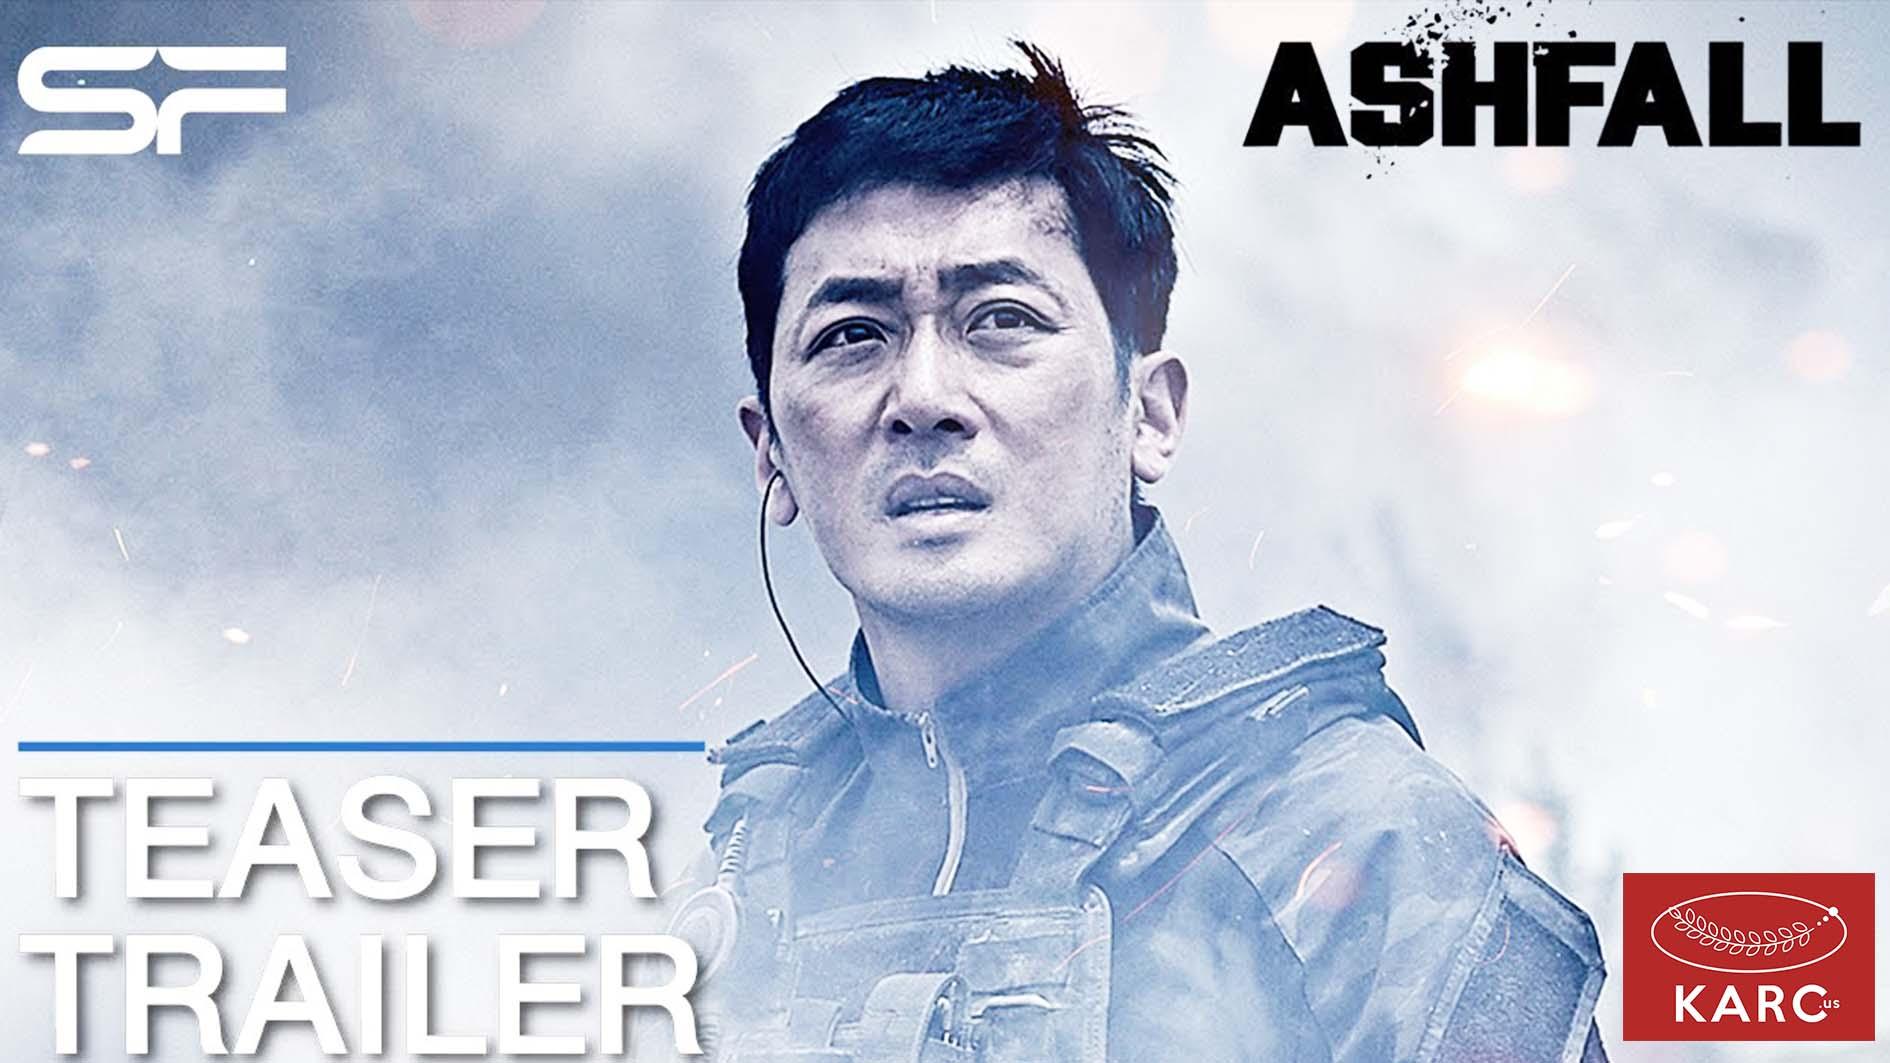 Ashfall โคตรนรกล้างเมือง – โคตรของภาพยนตร์ล้างเมือง จากเกาหลี - Karc.us